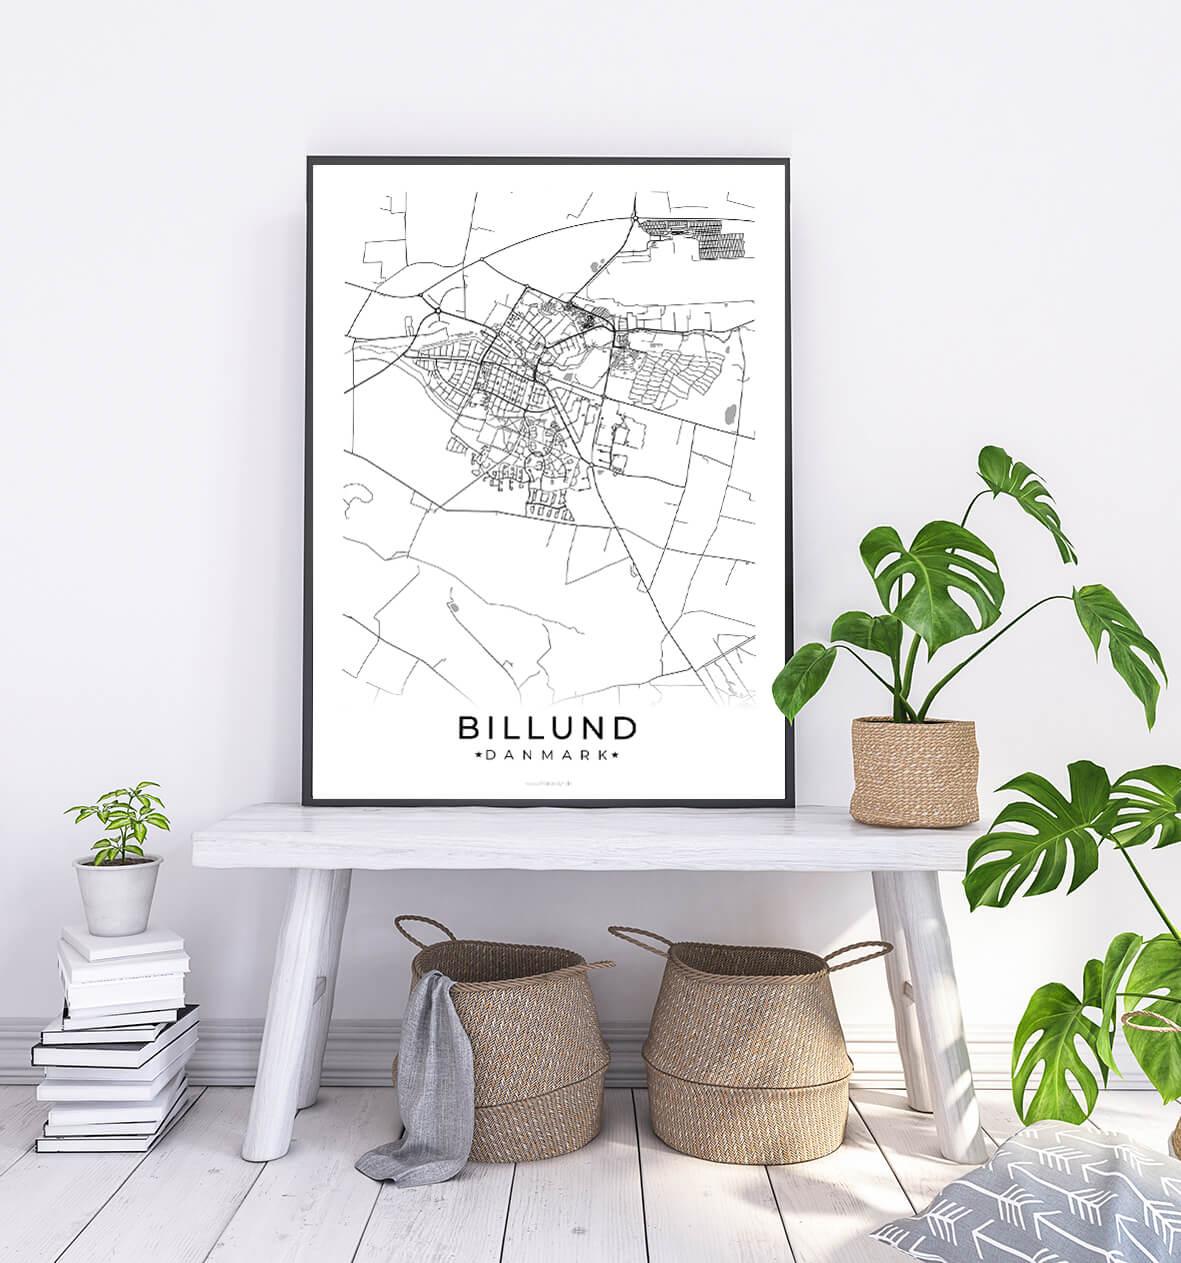 Billund-hvid-byplakat-1